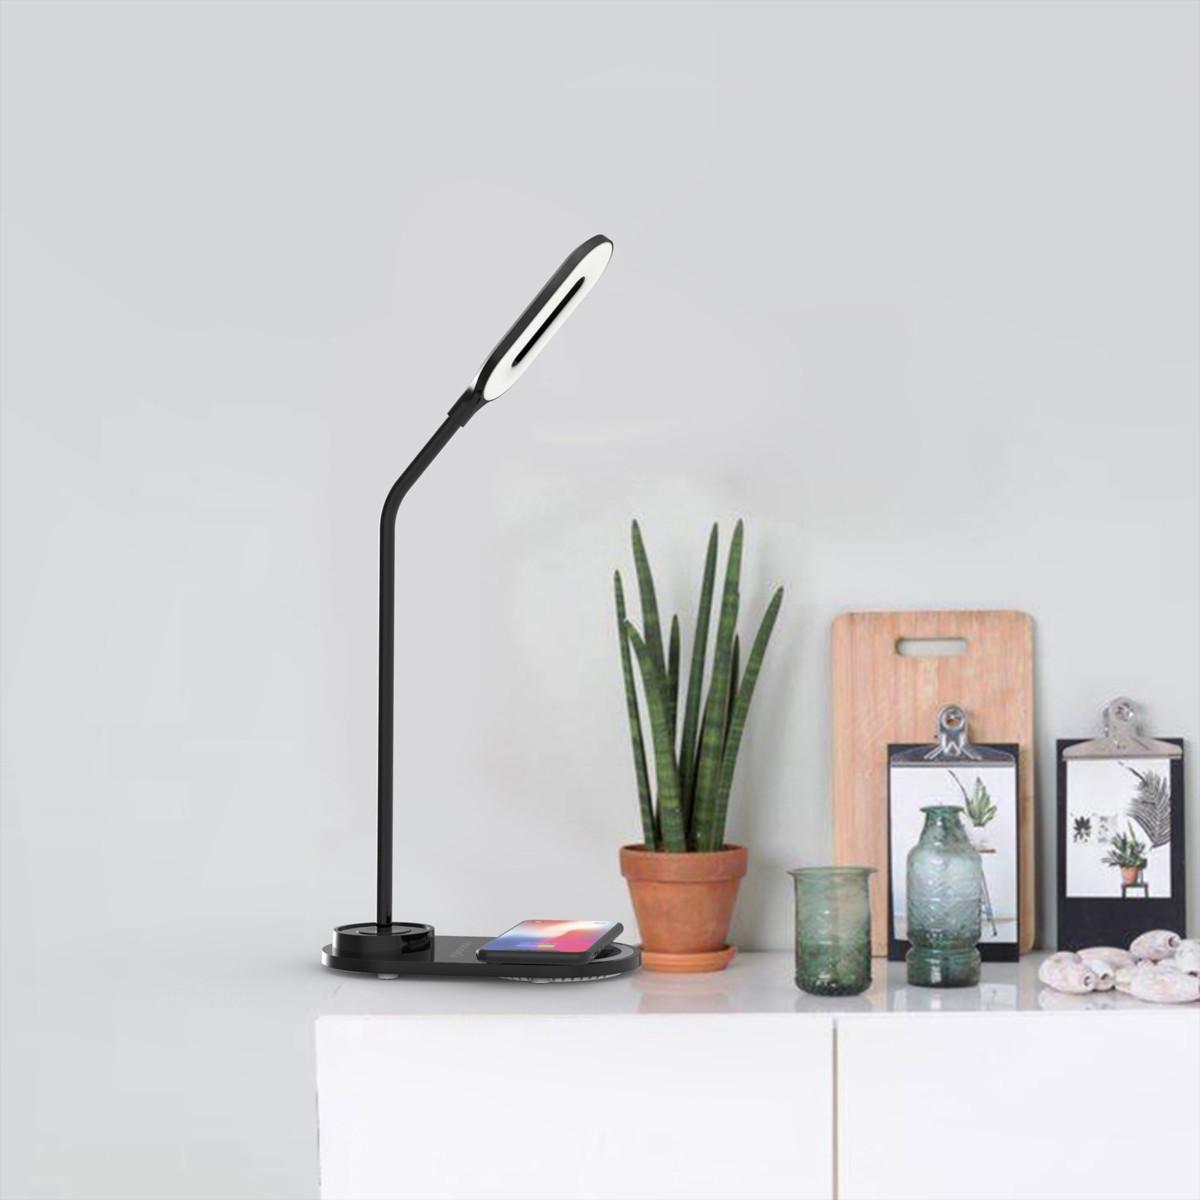 Luminária LED de mesa portátil com carregador por indução